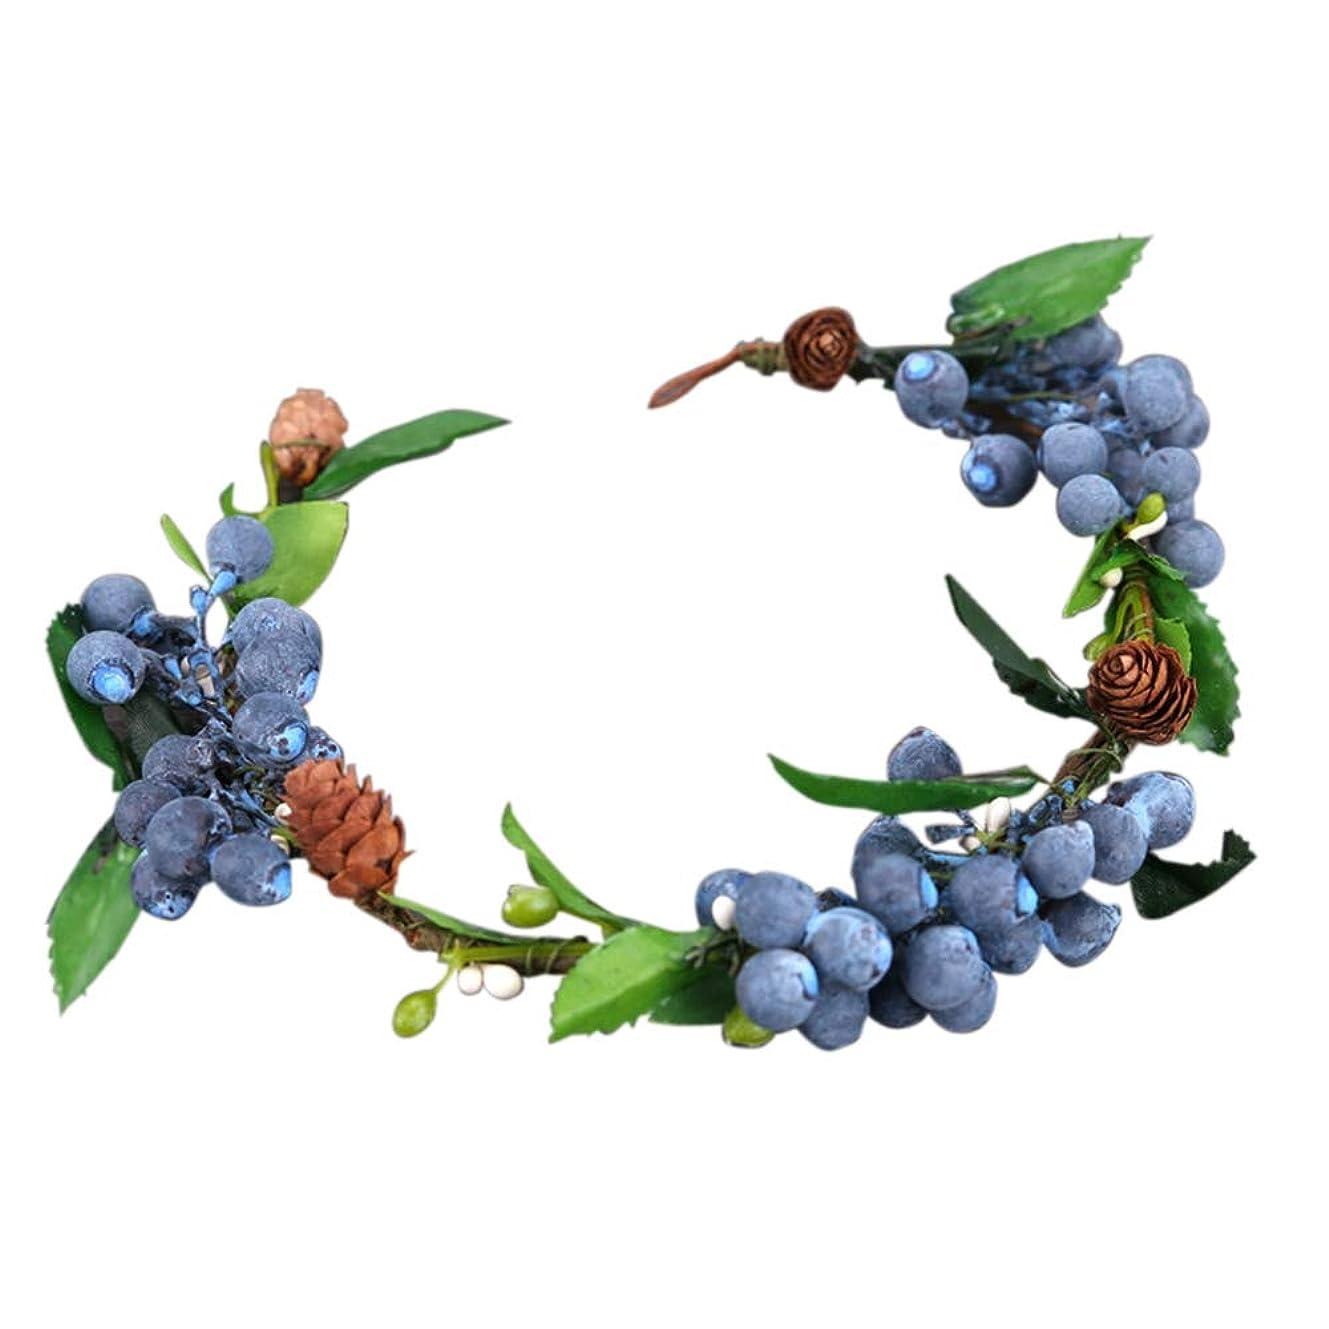 無限専門用語吸収Merssavo 青色のフルーツ花嫁の花輪結婚式の頭髪の髪の装飾品ブライダルオーナメント